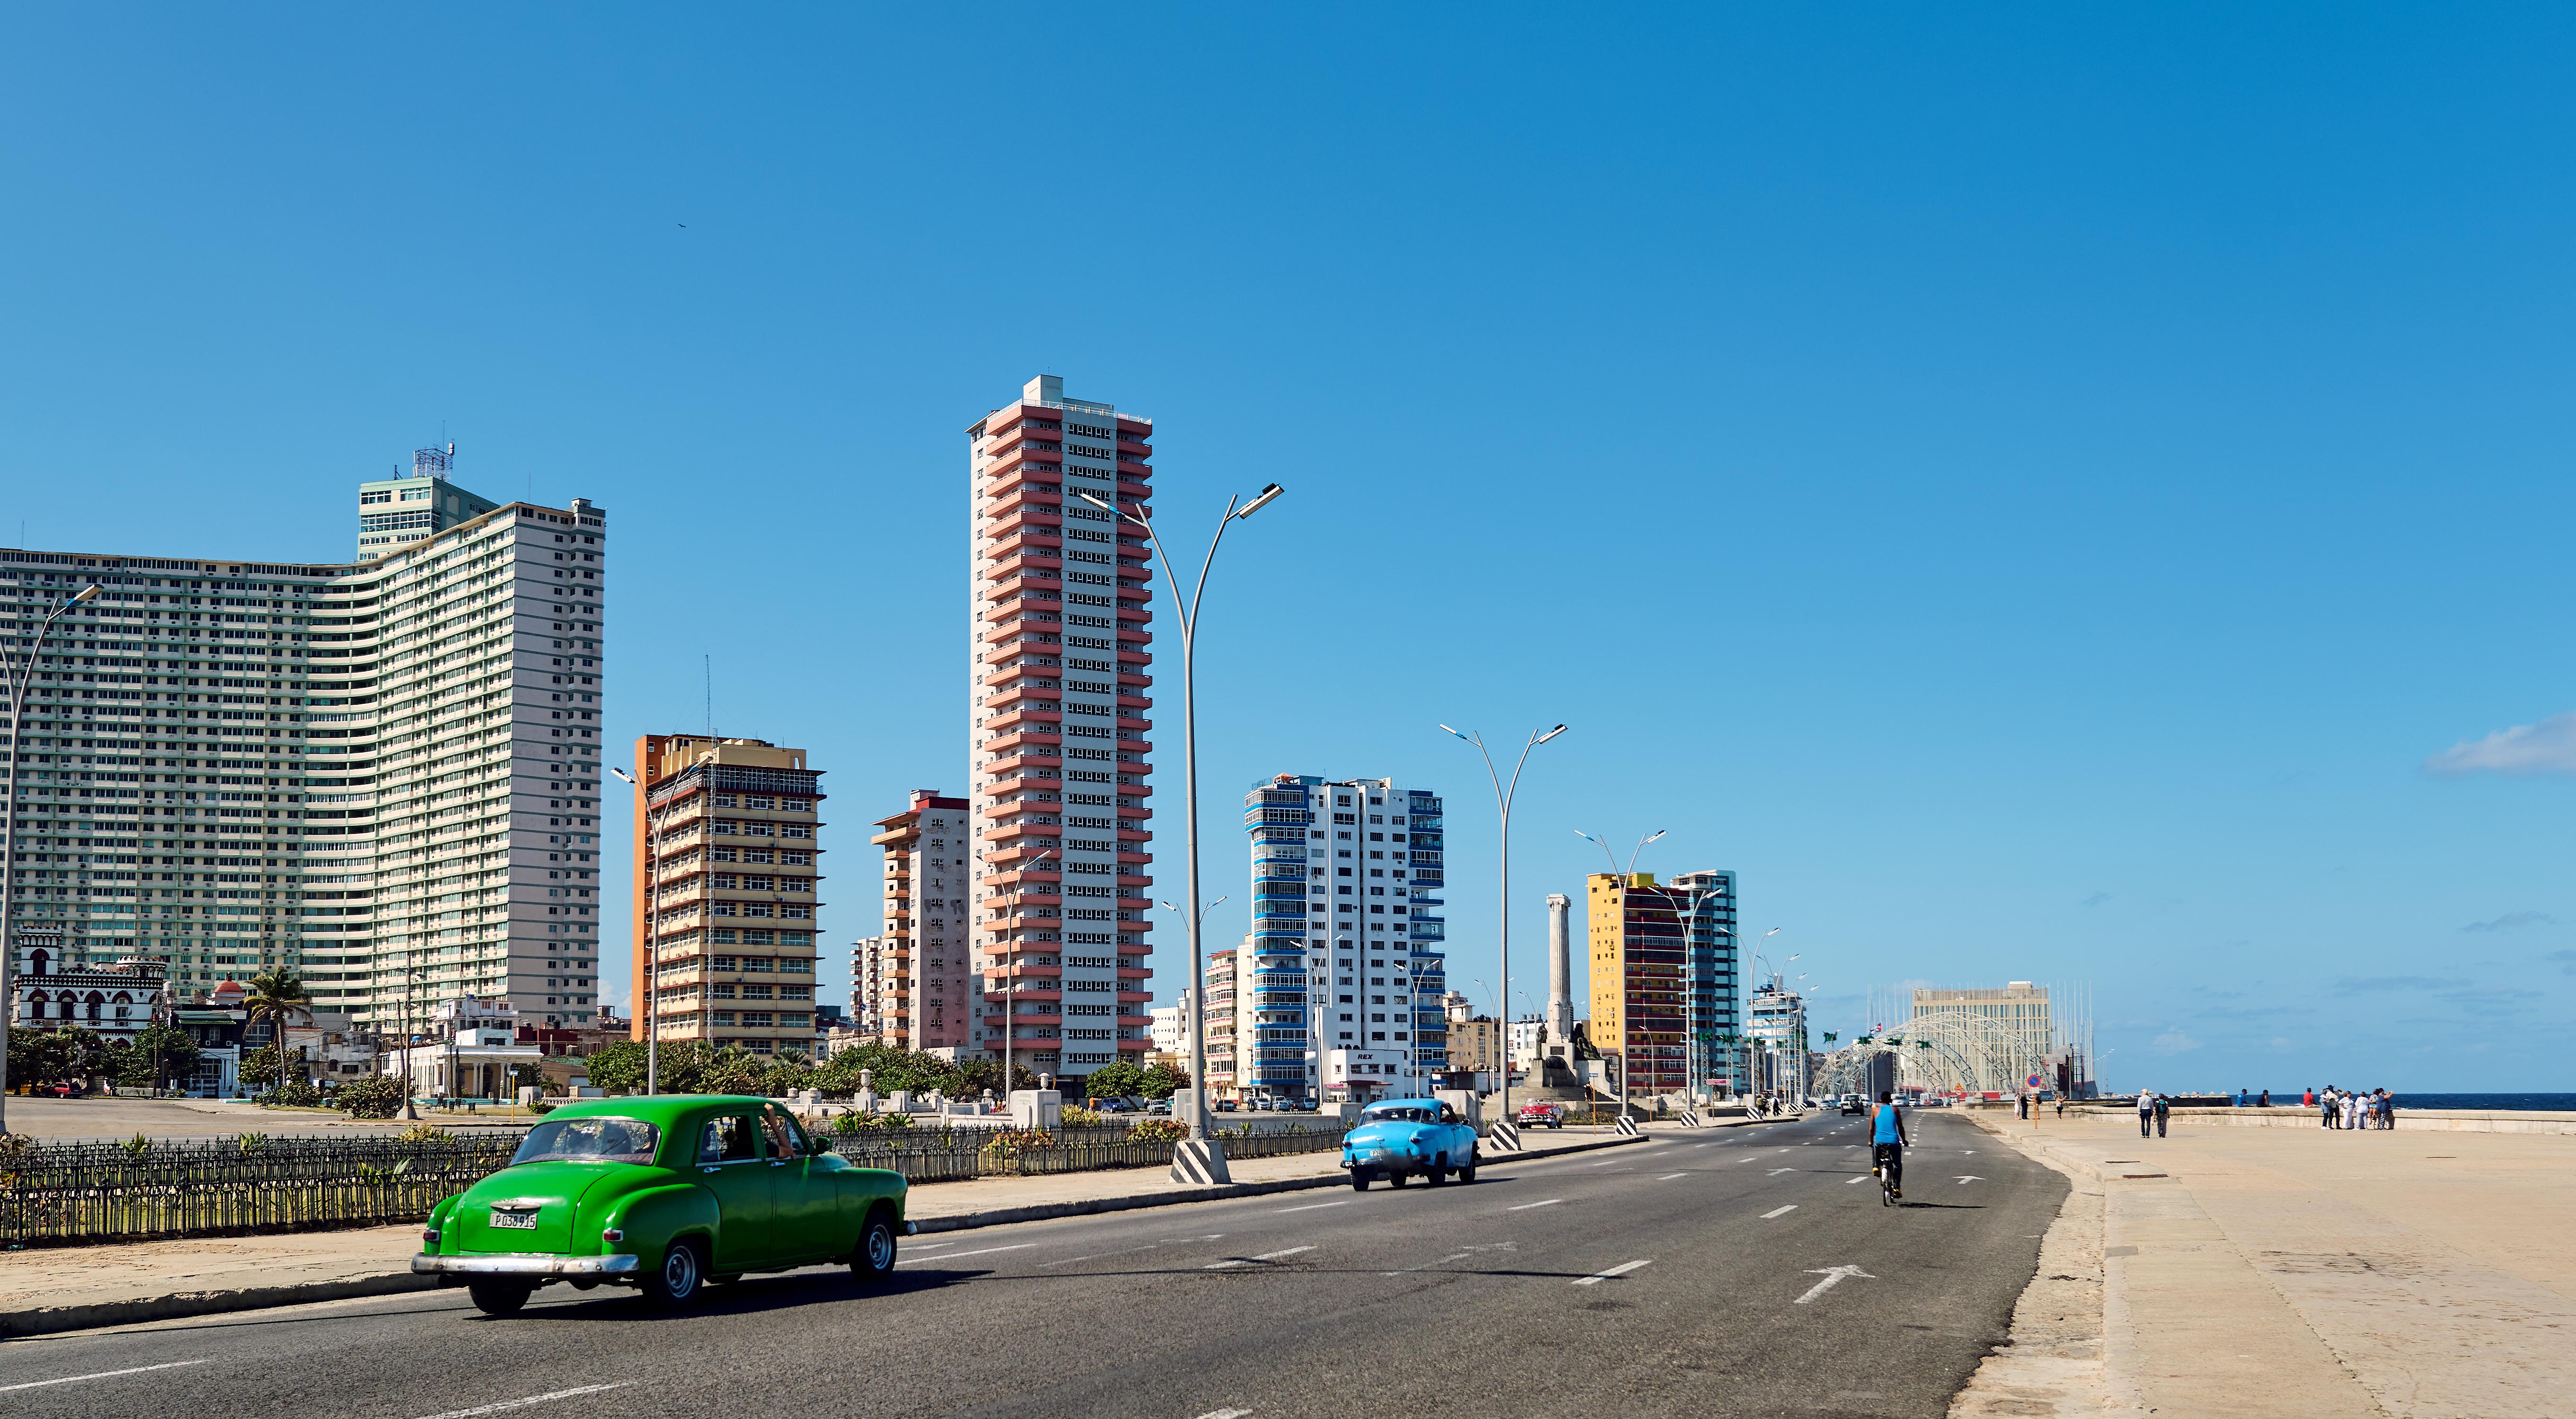 Cuba: Havana e Varadero - Categoria Primeira